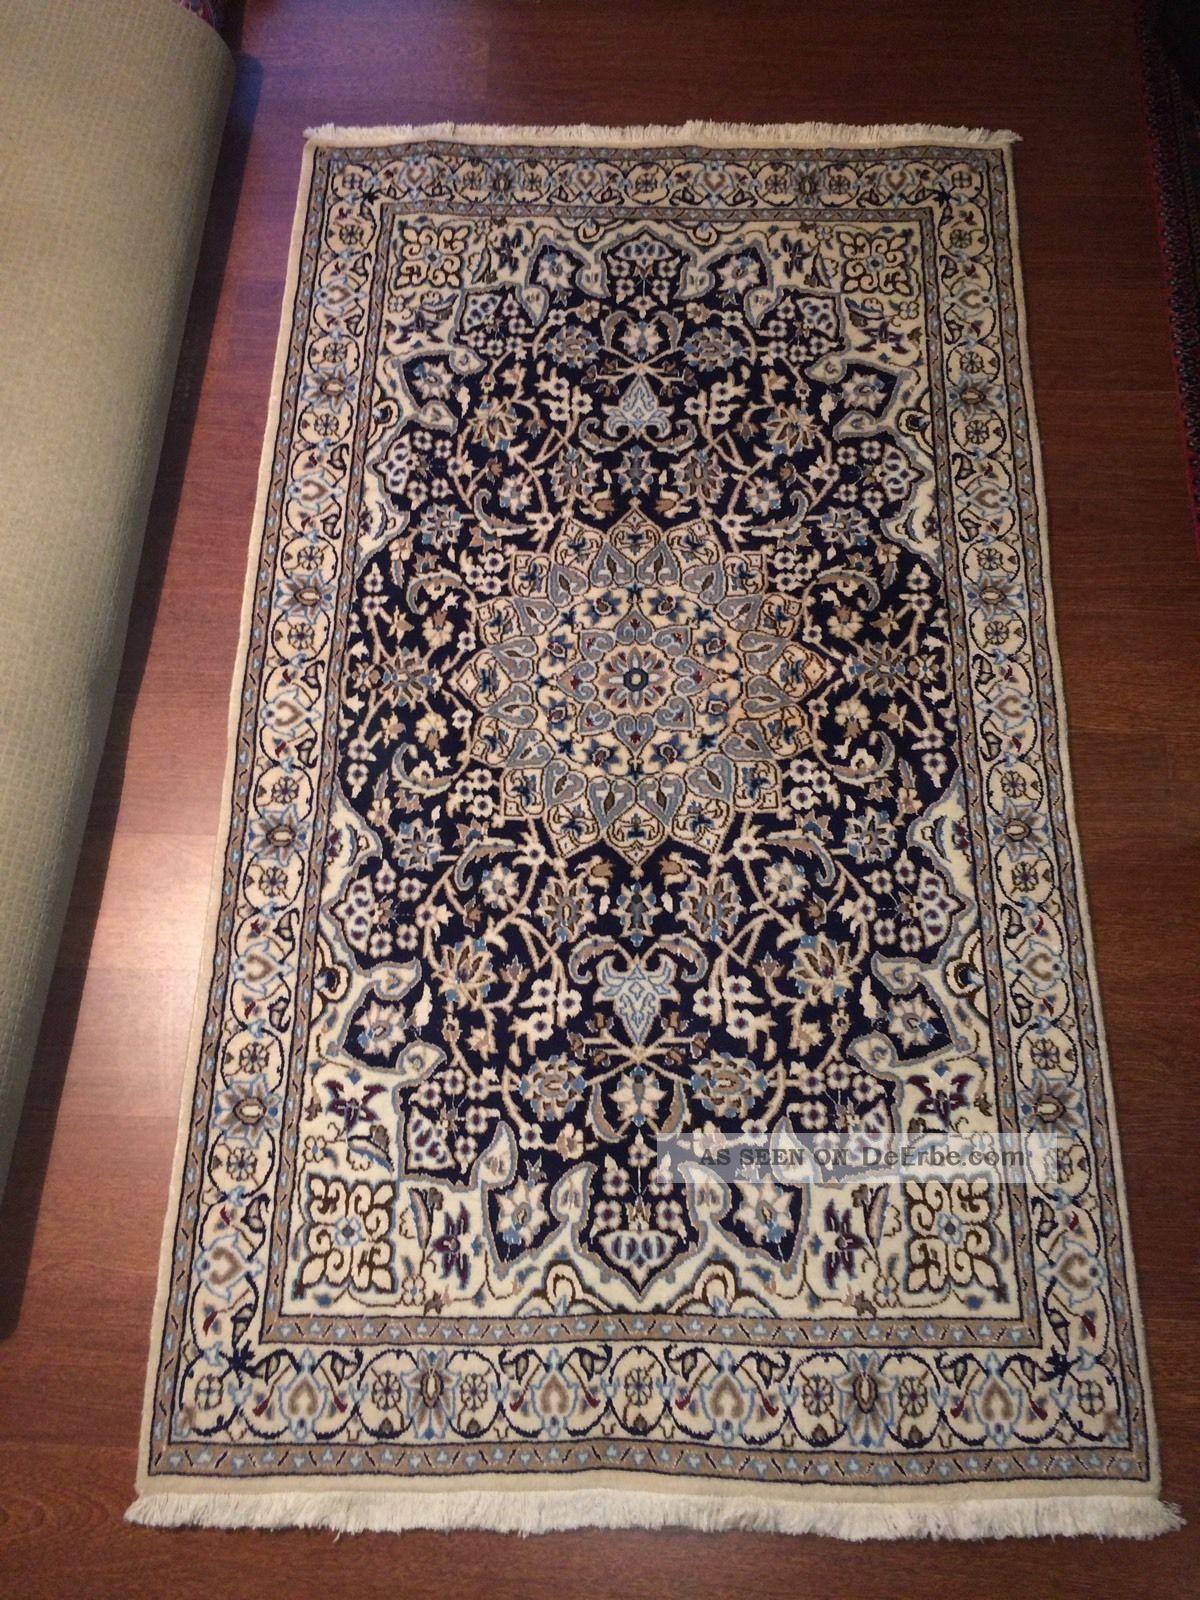 Persischer teppich  Teppiche & Flachgewebe - Antiquitäten